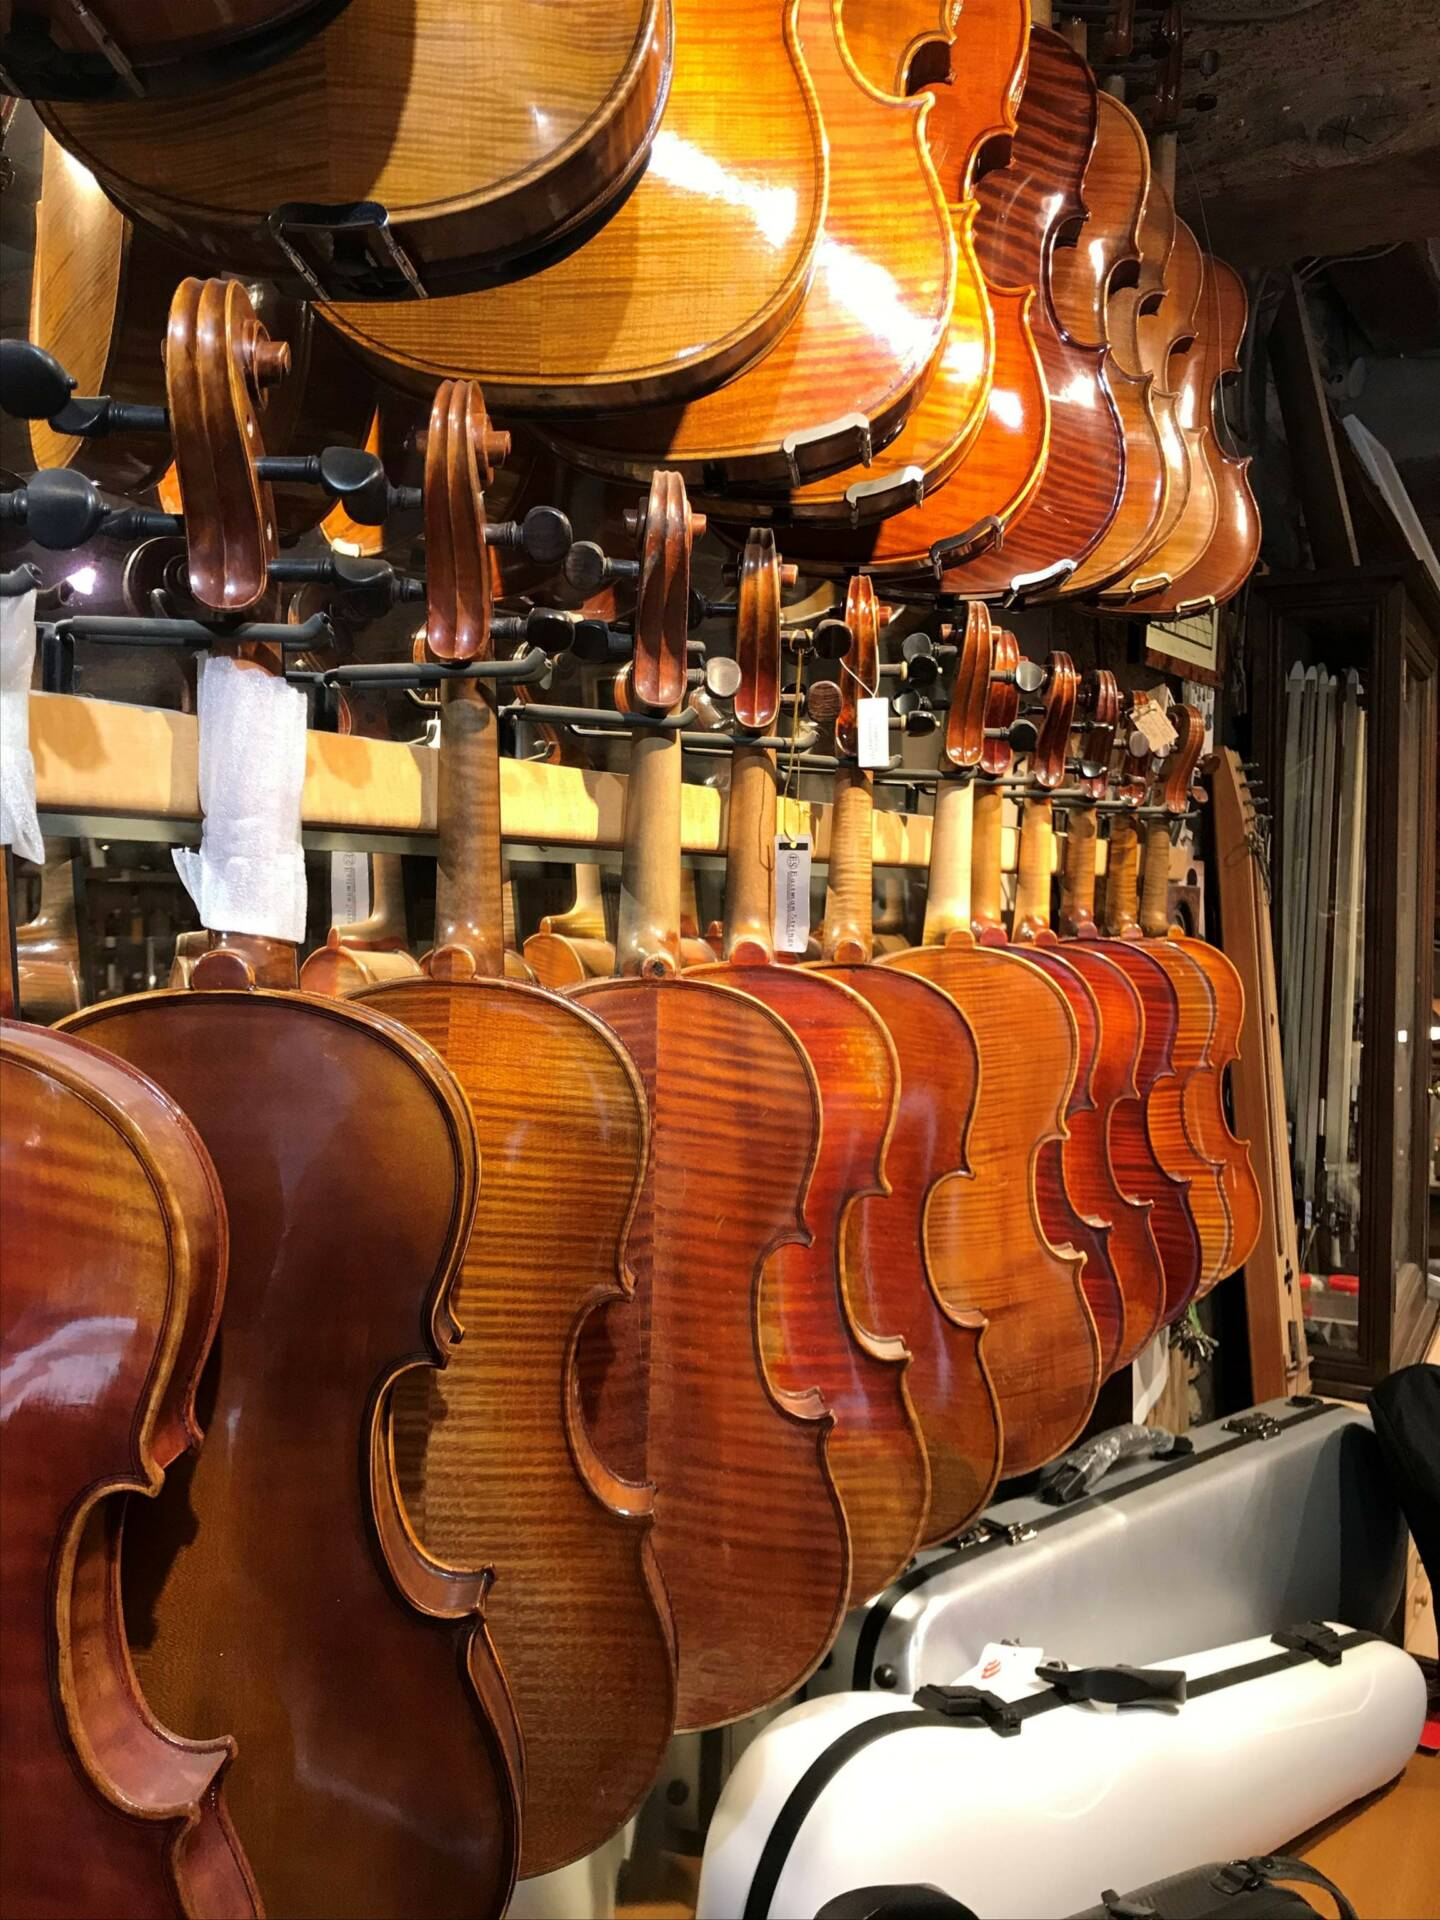 Vente et location de violons de tous niveaux à Orléans   Denis Caban